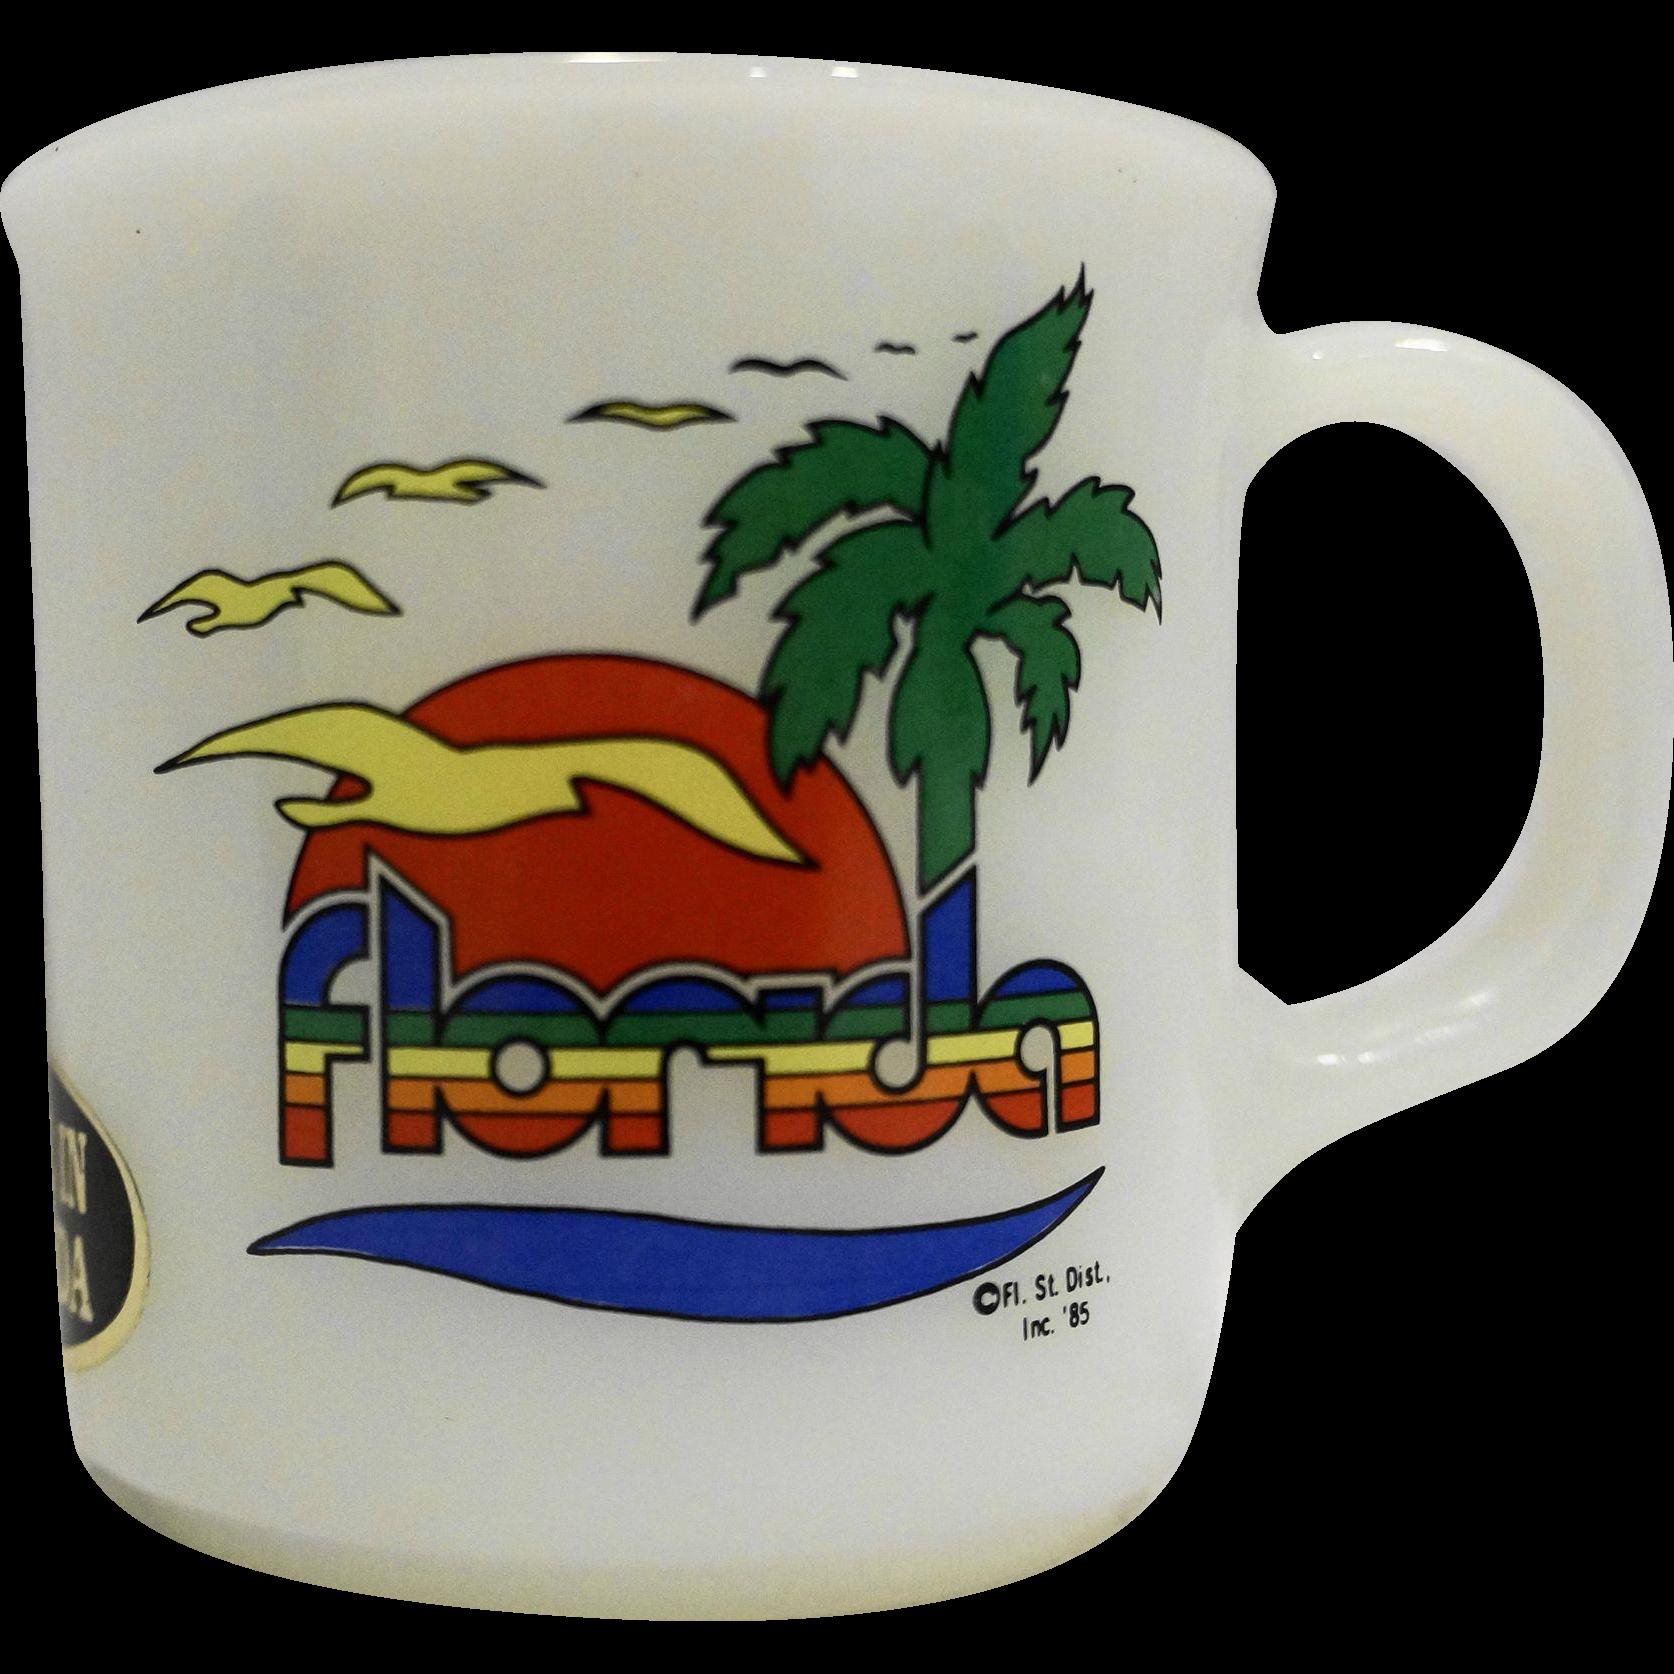 Florida Souvenir Milk Glass Mug Ovenproof USA 1985